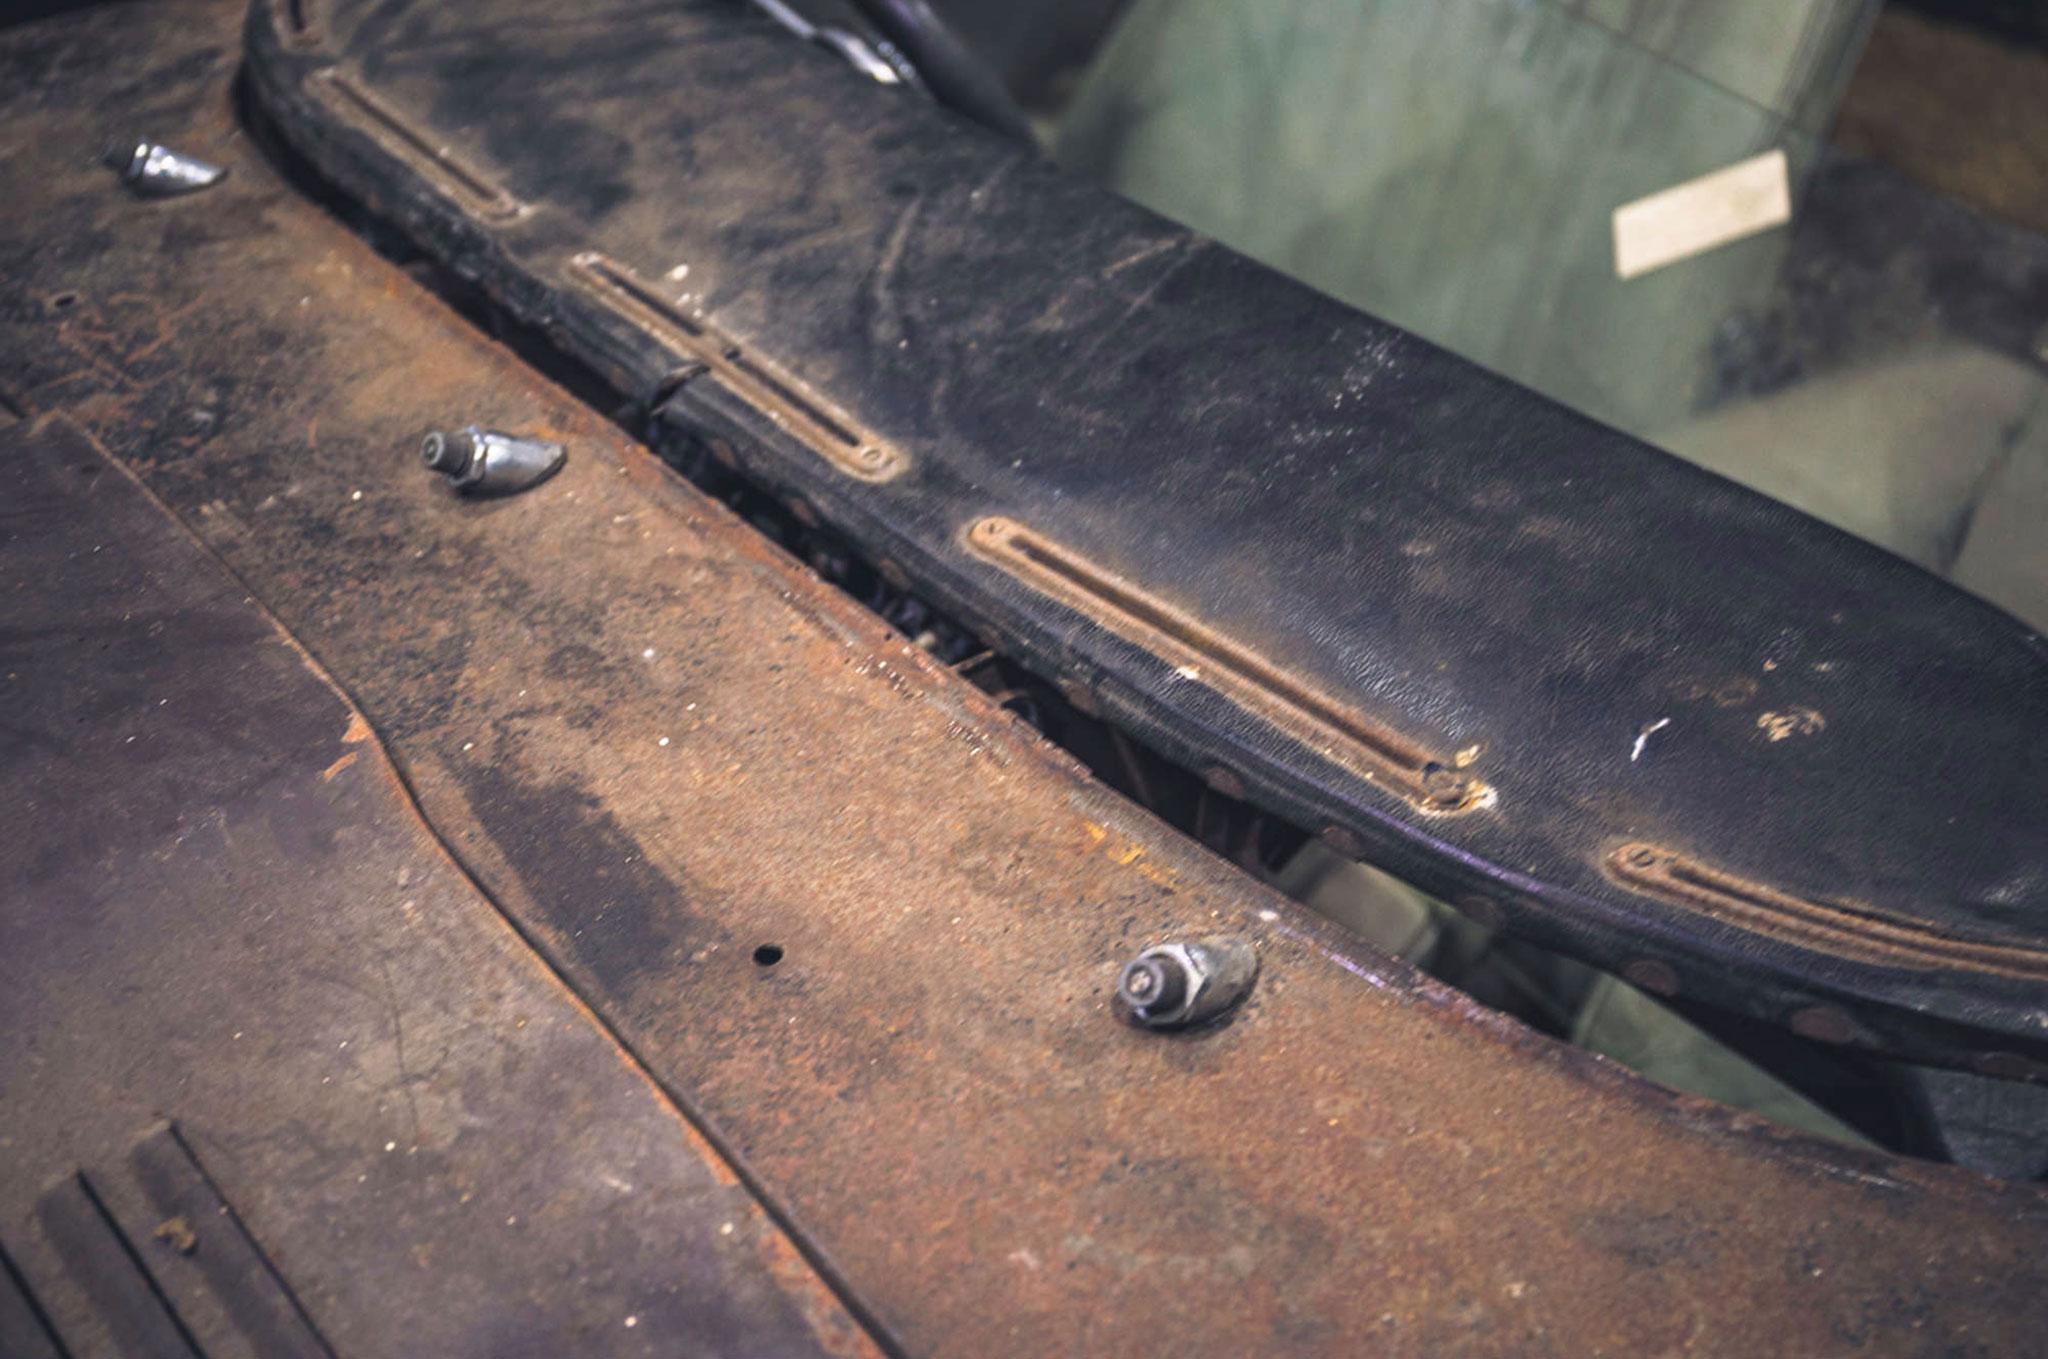 1964 Jaguar E-Type 2805 miles détail de la base du pare-brise et de l'emplacement des essuie-glaces